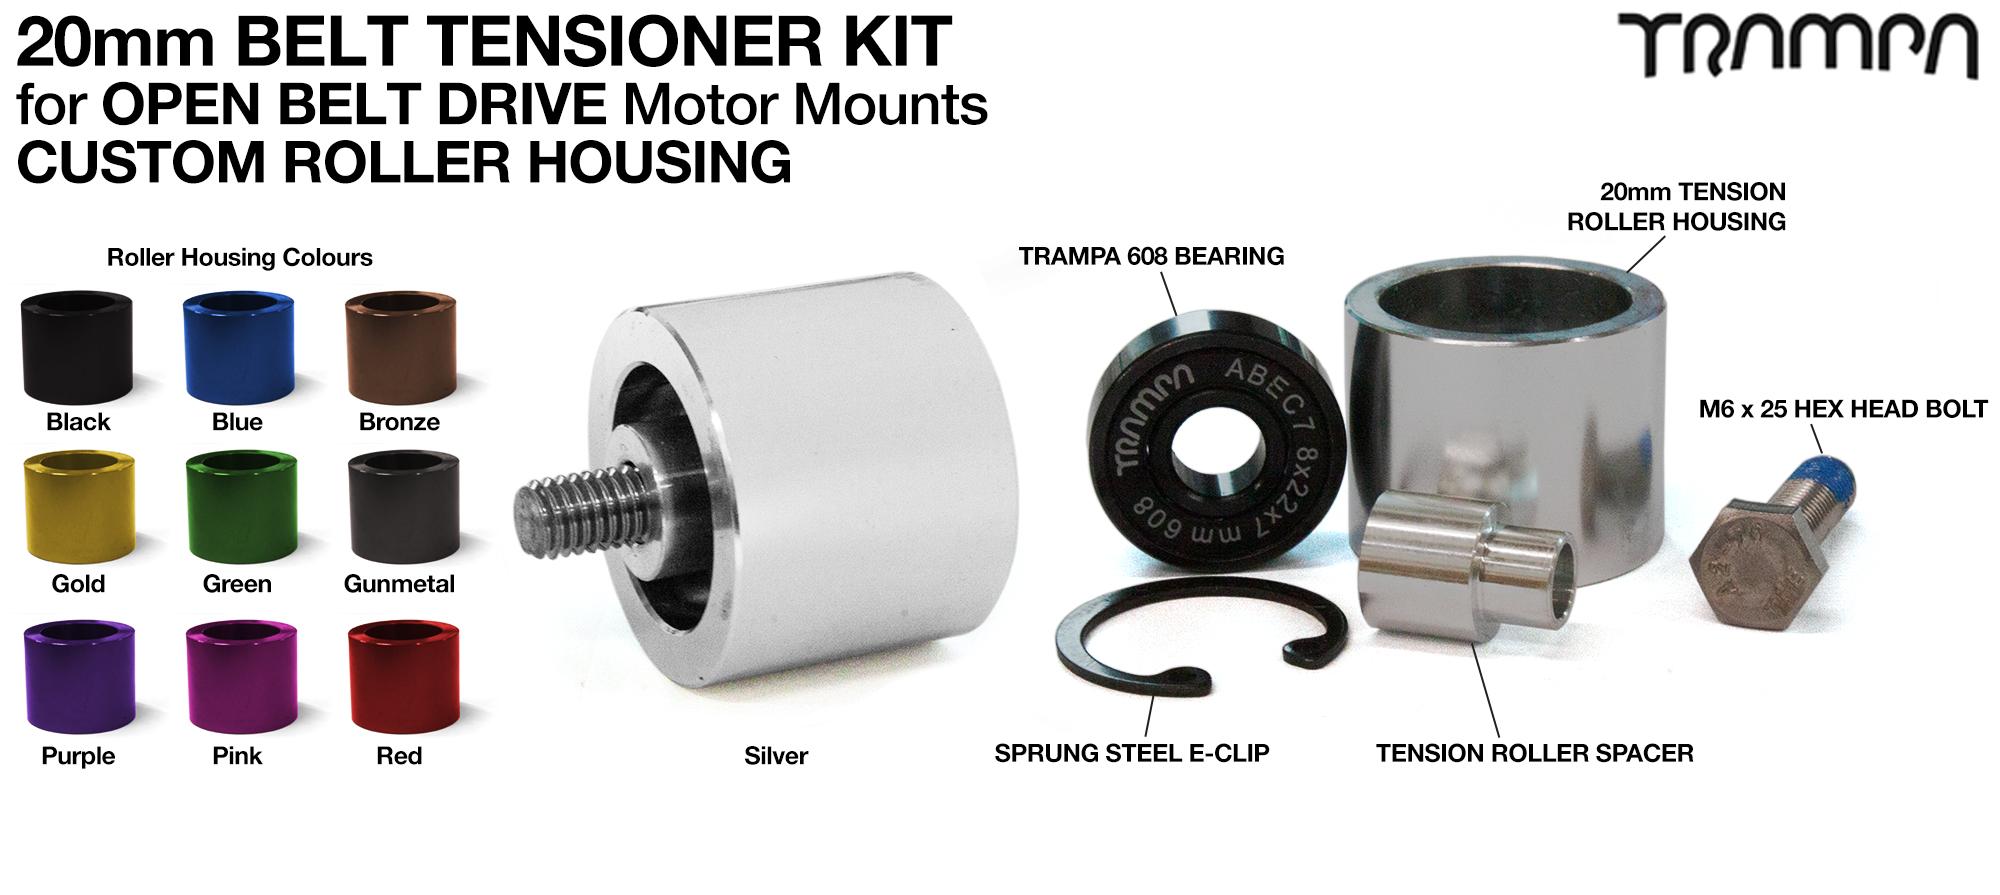 OPEN BELT DRIVE Belt Tensioning System for 20mm Belts - Roller Housing